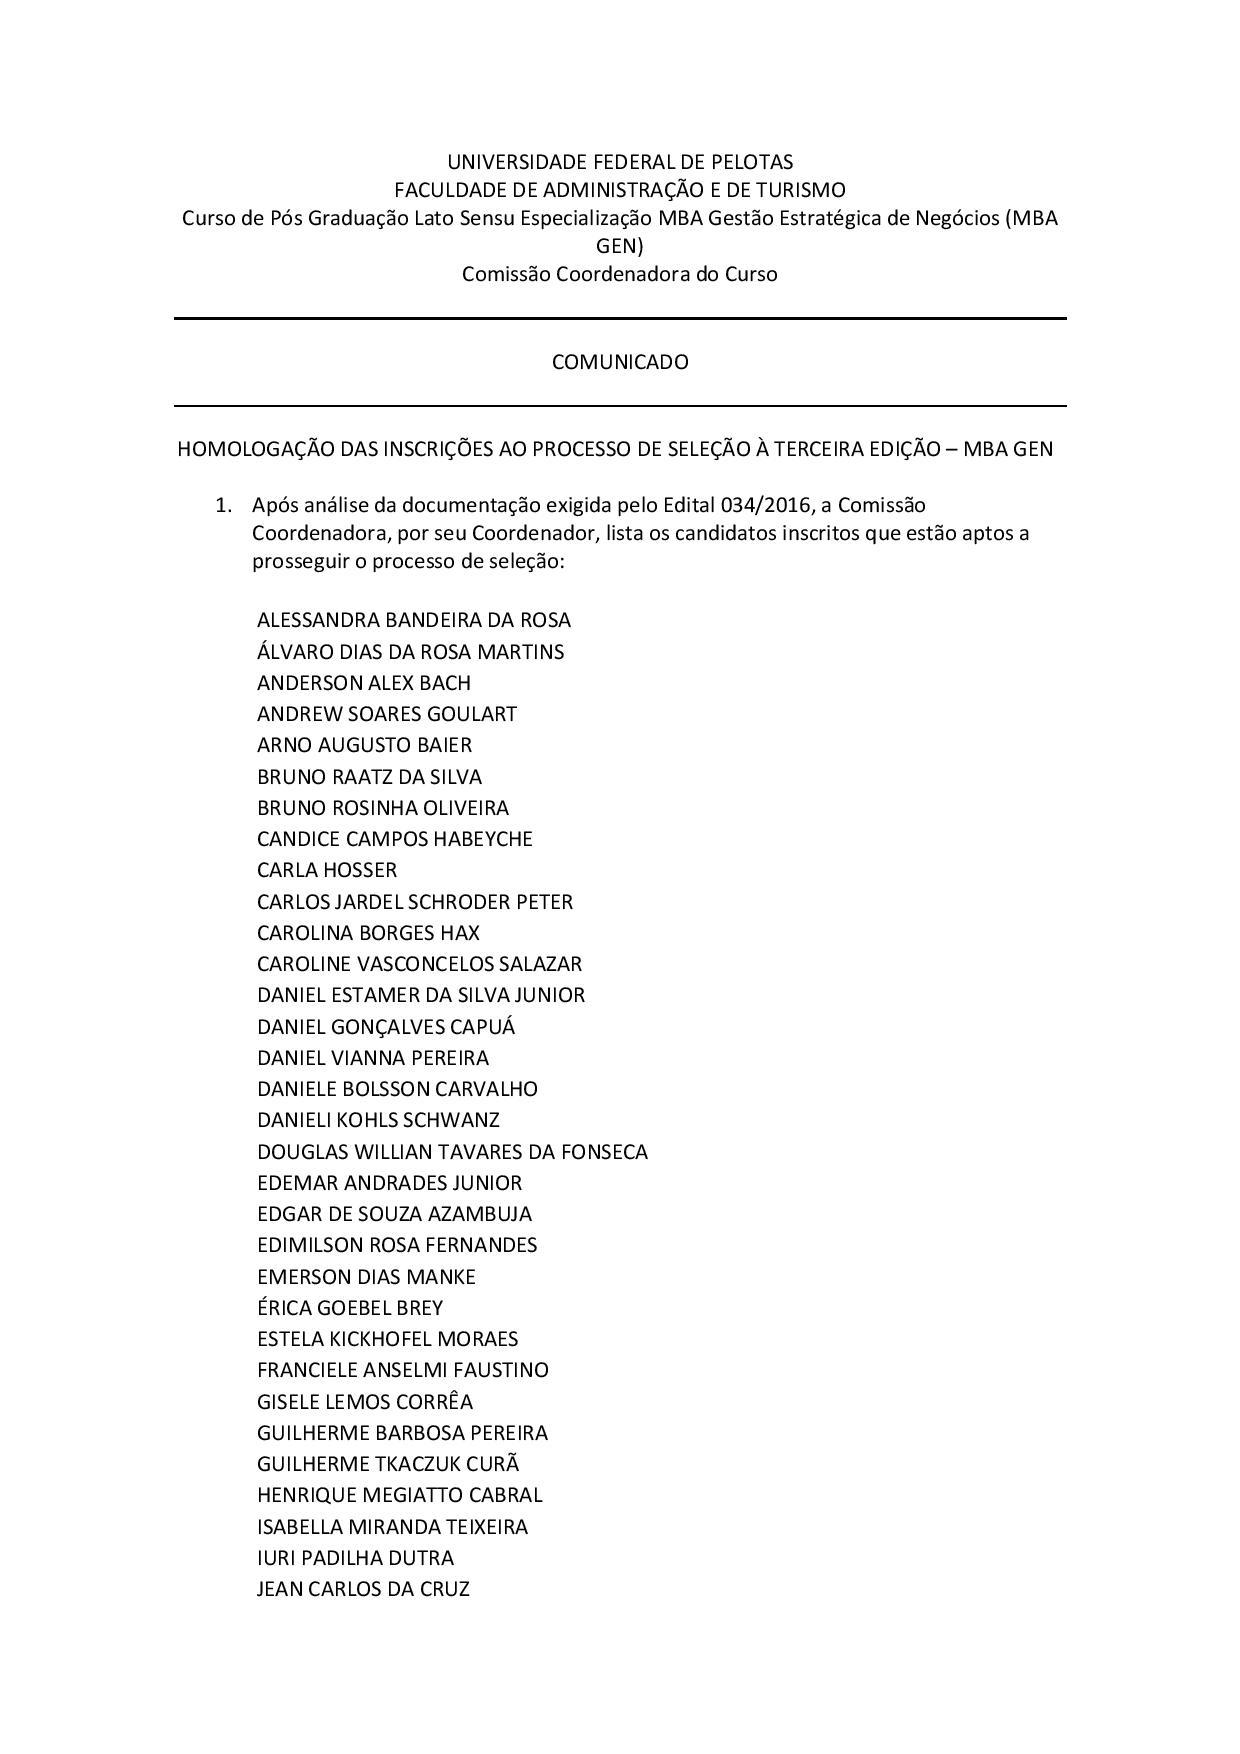 Comunicado sobre homologação-page-001